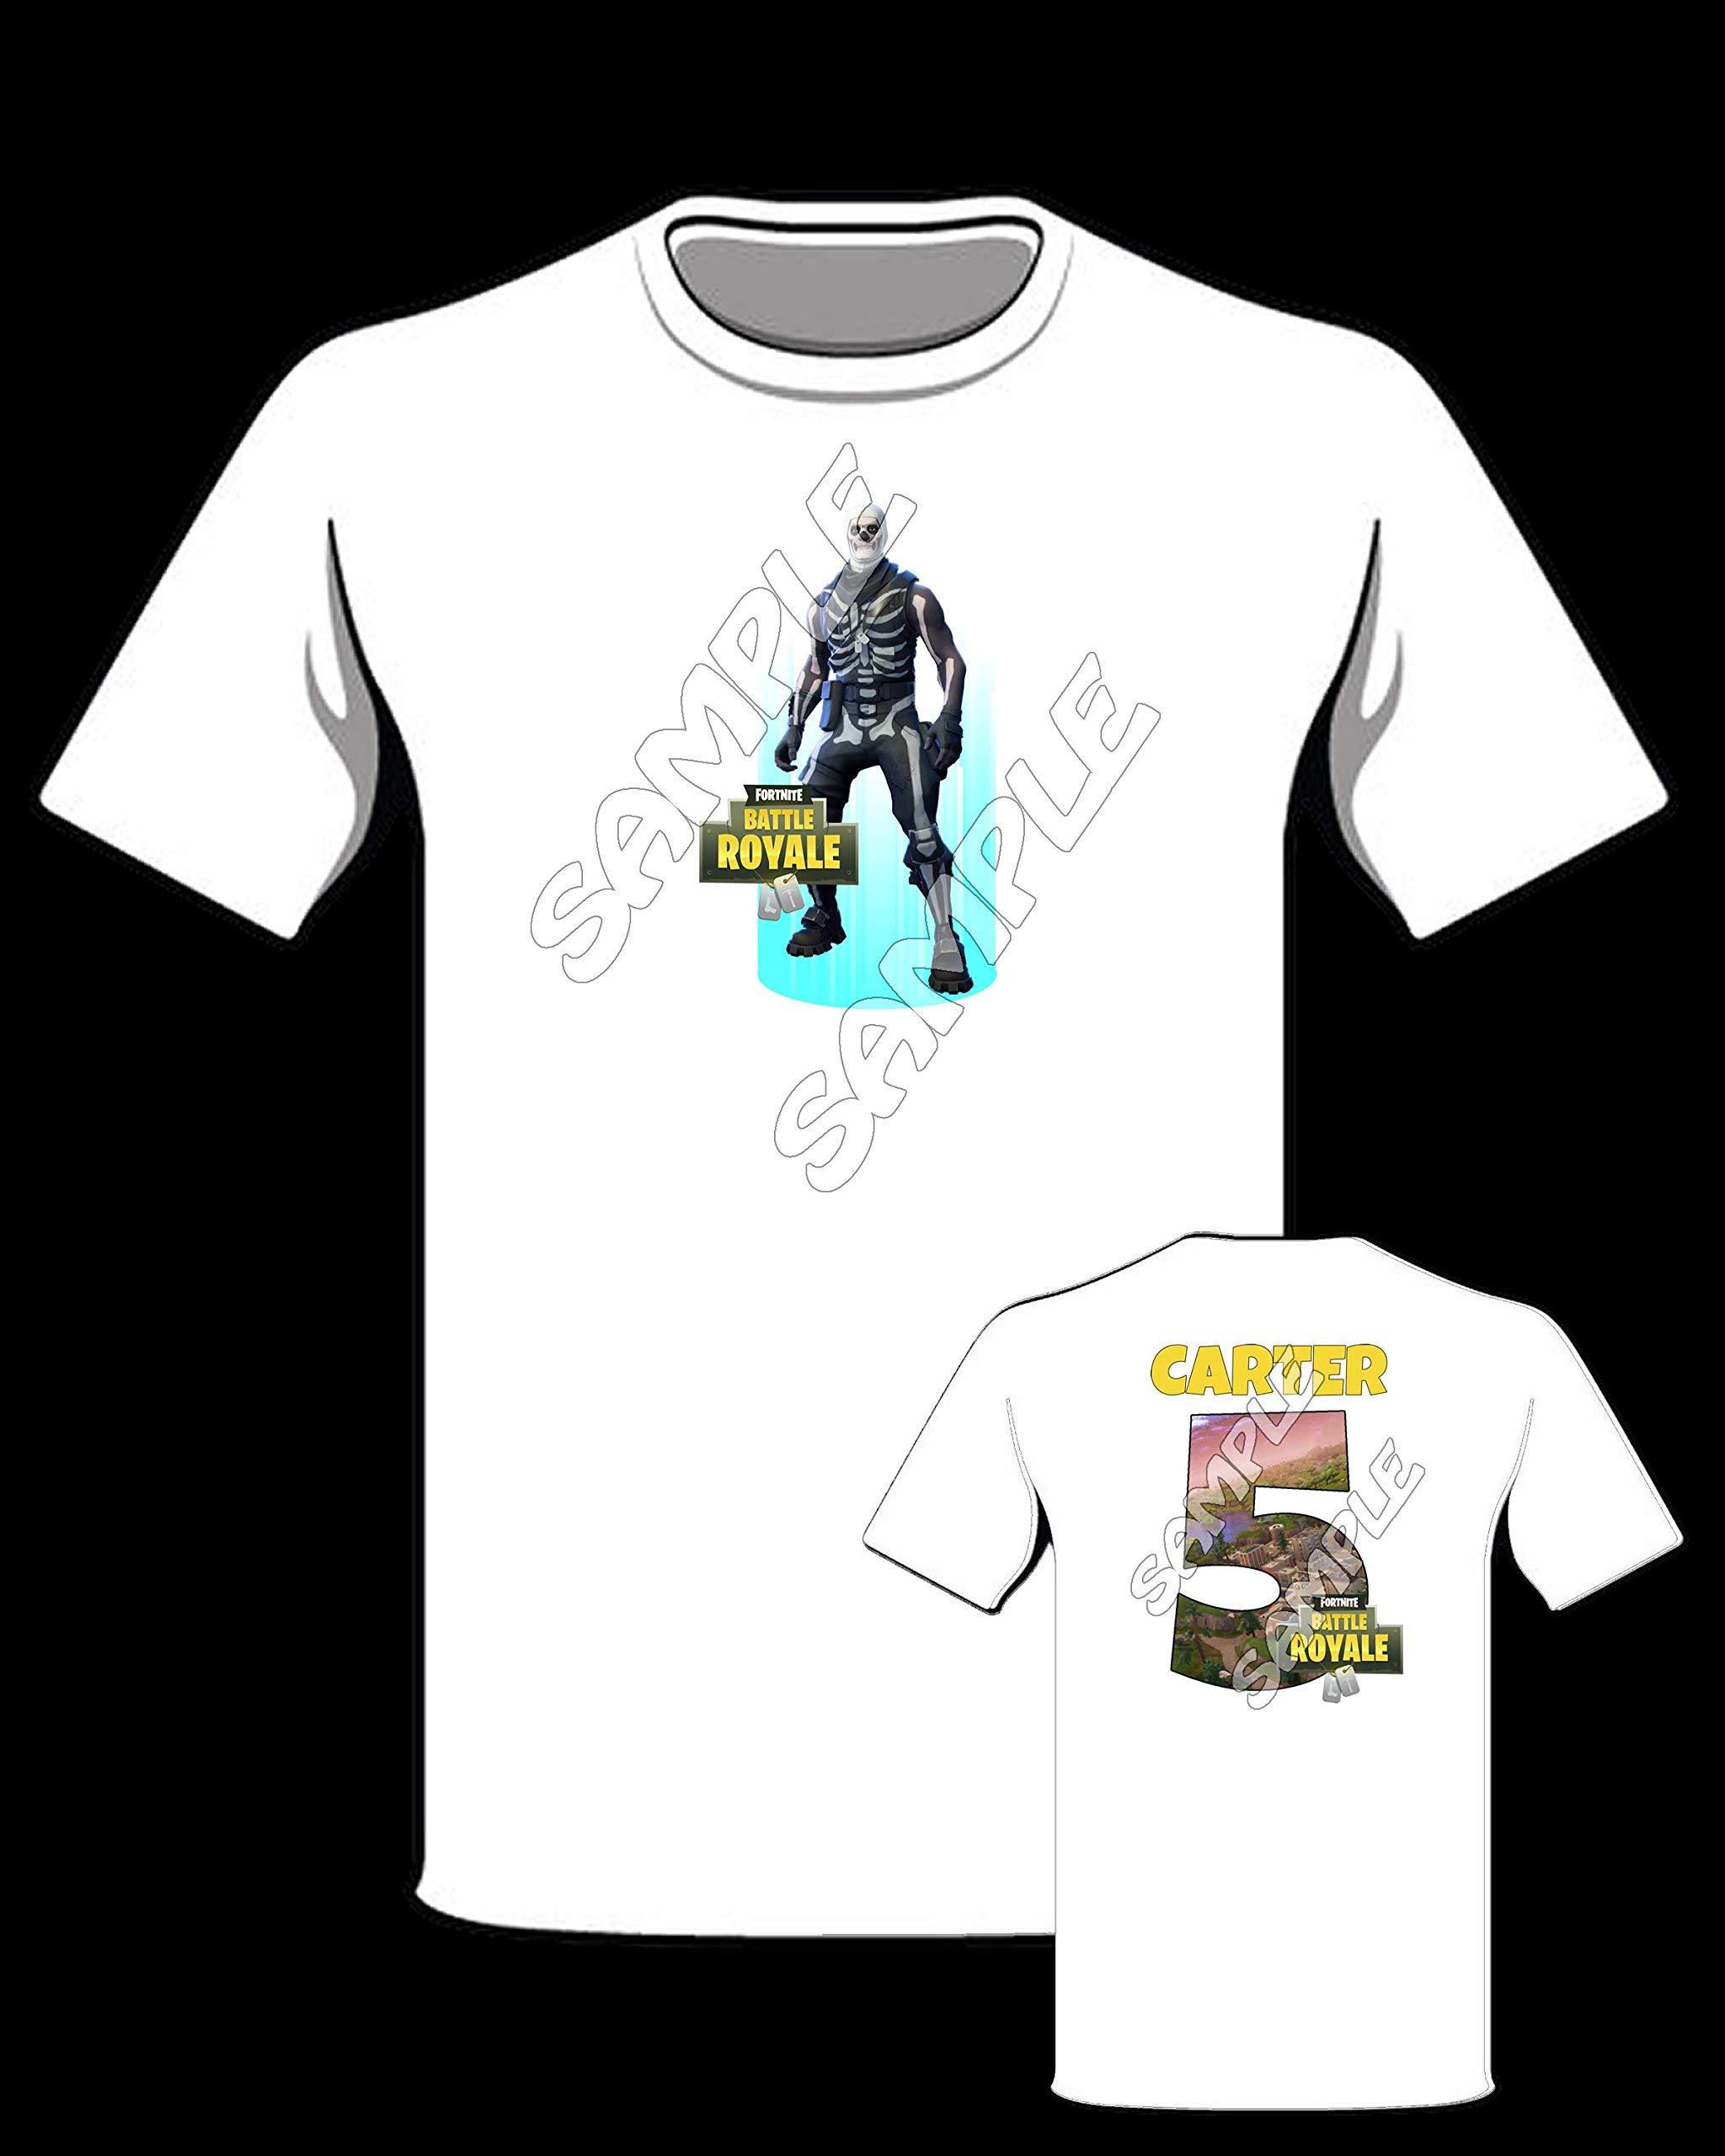 Fortnite SKULL TROOPER themed Personalized Shirt, Fortnite birthday shirt #60